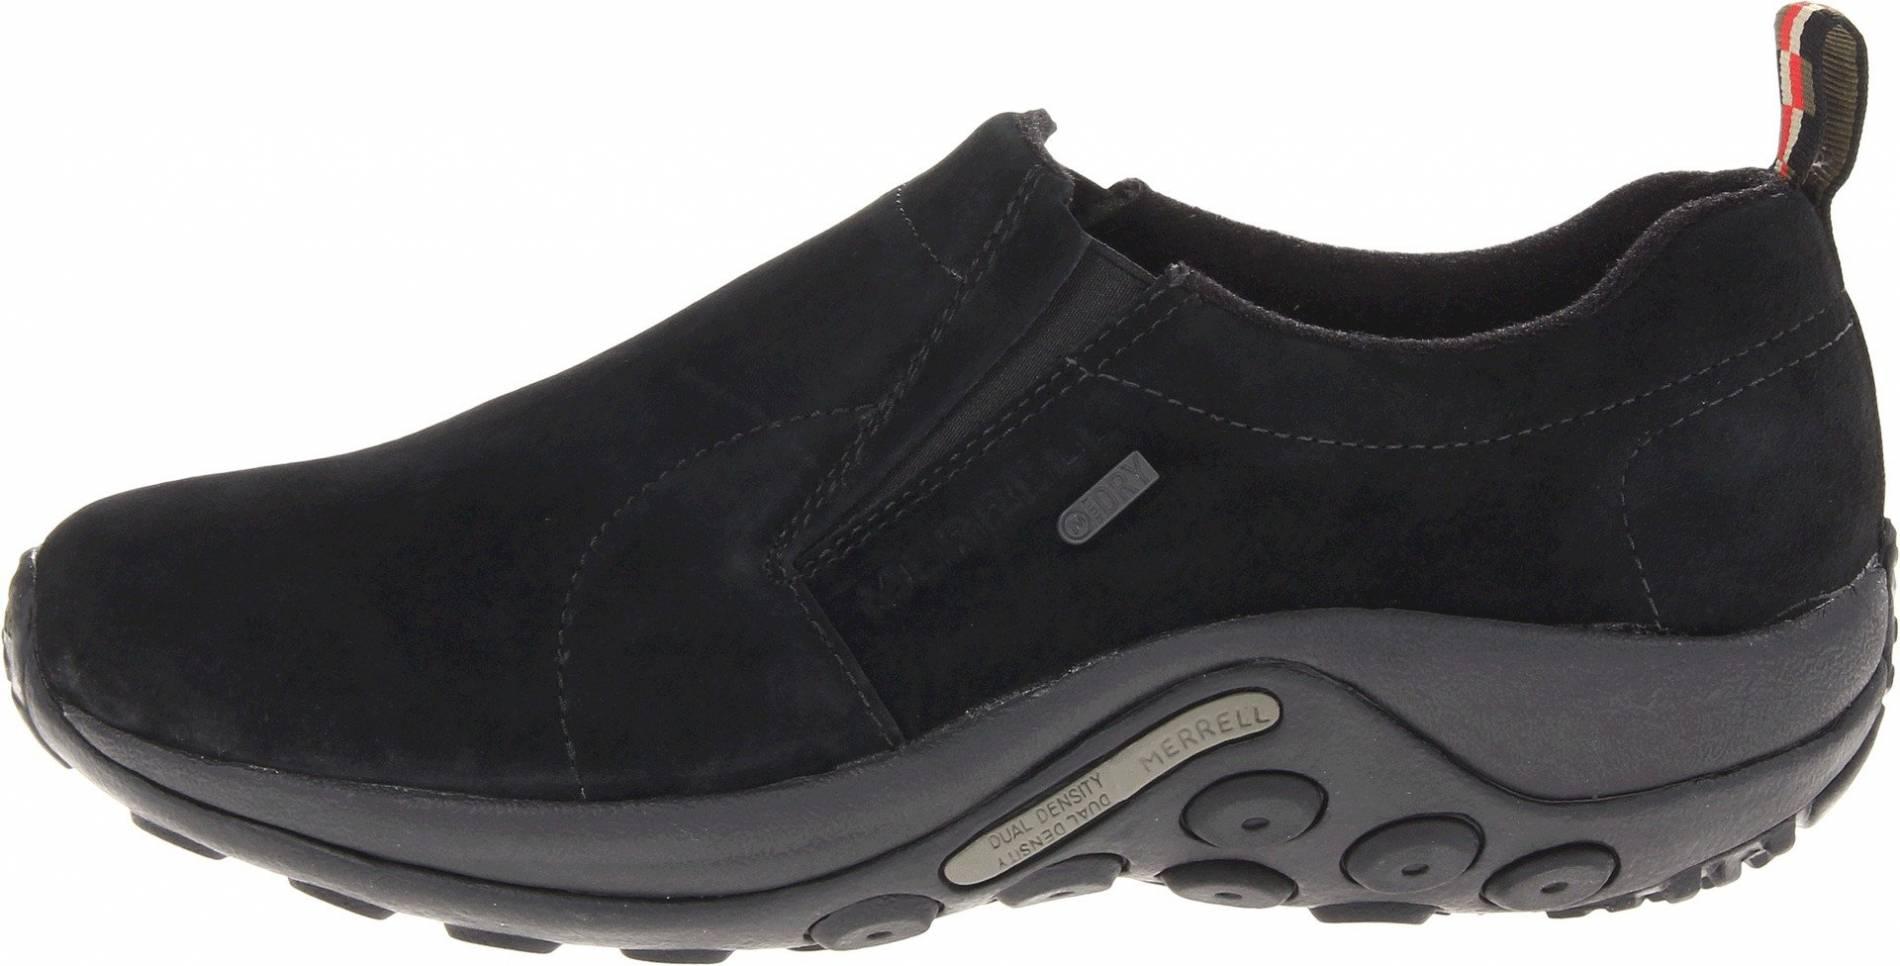 Save 32% on Waterproof Sneakers (43